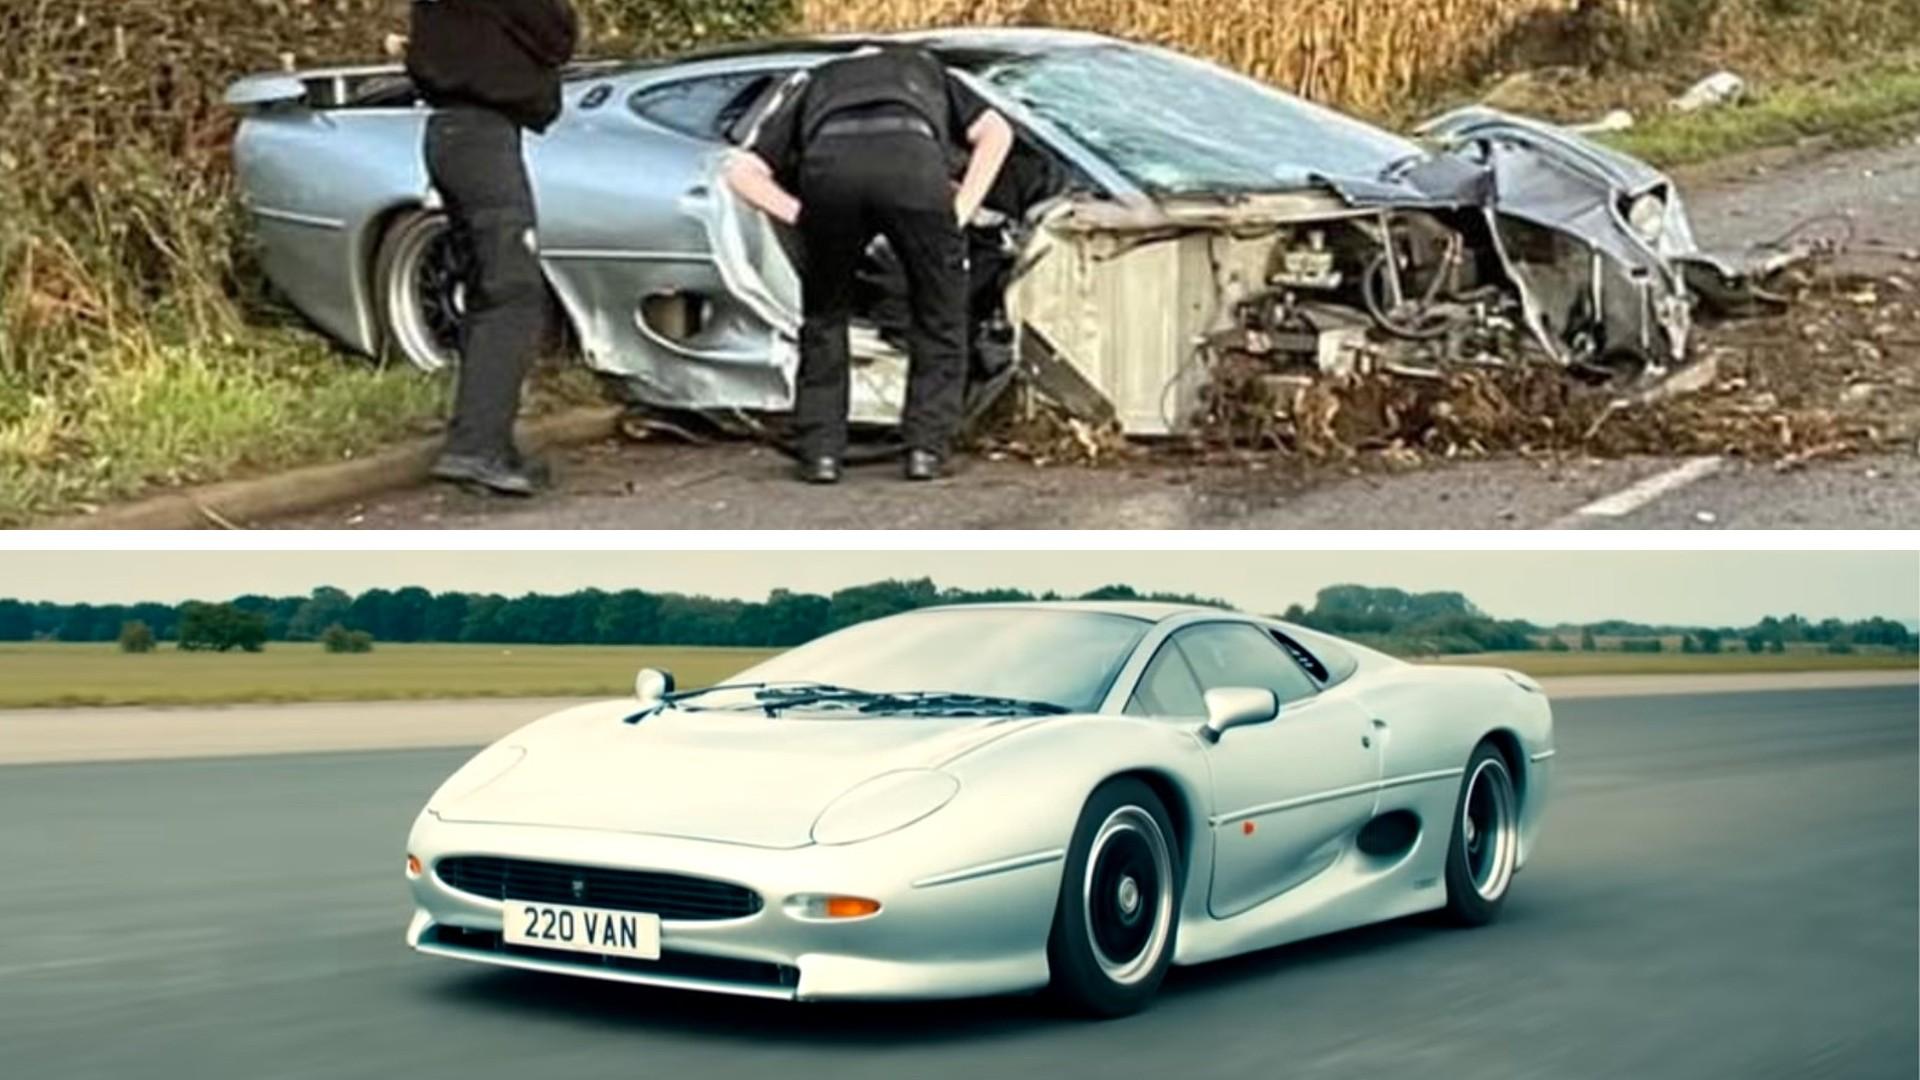 Καταστράφηκε η Jaguar XJ220 που συμμετείχε στο Top Gear